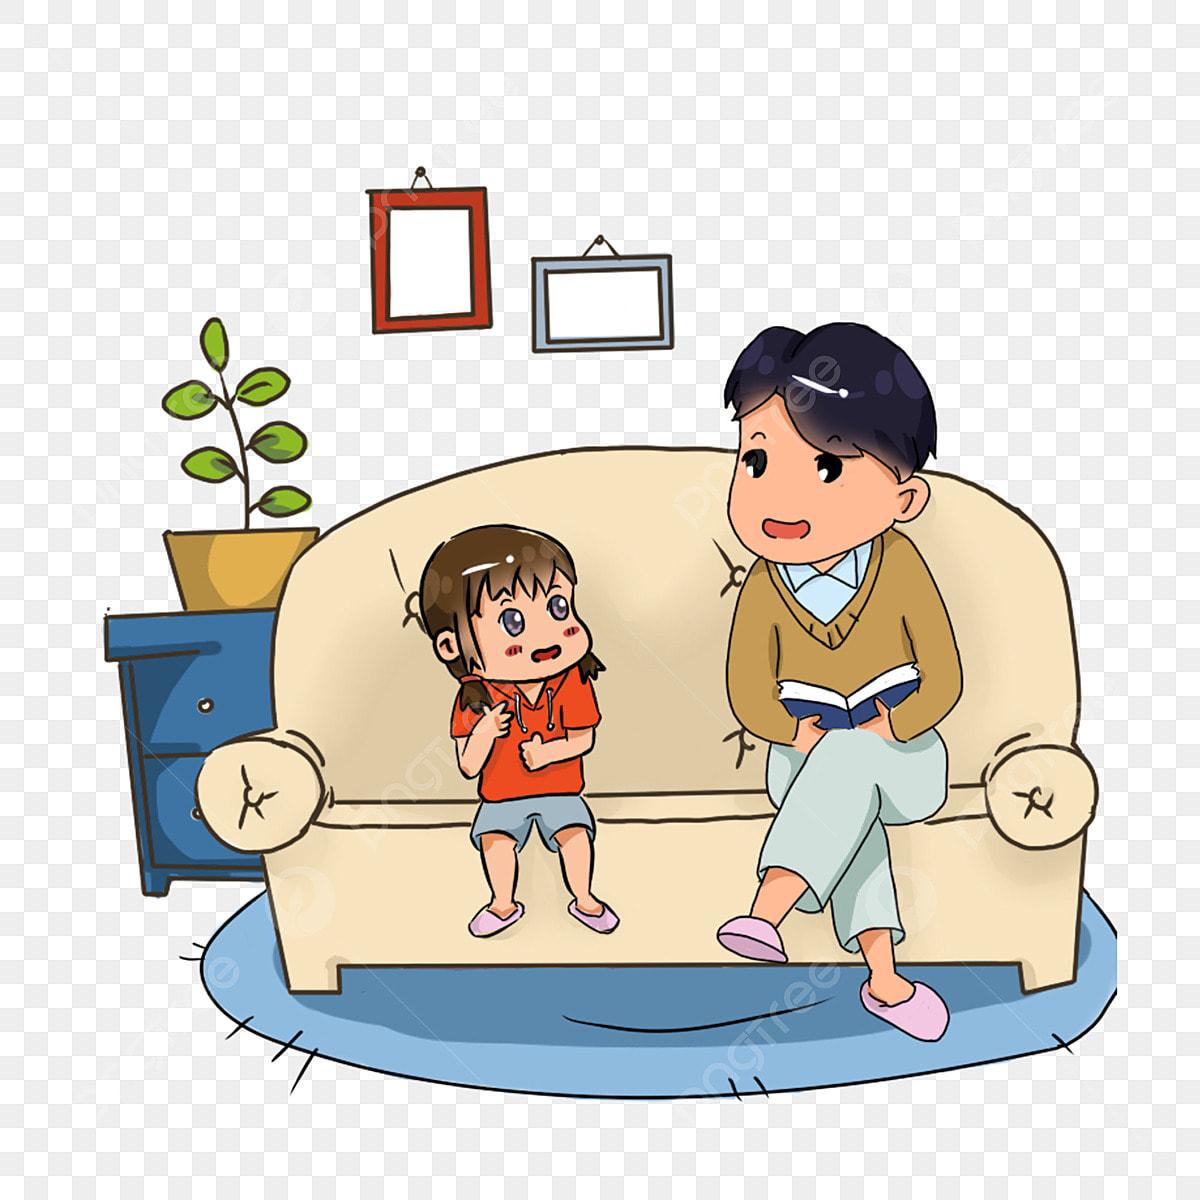 Gambar Tangan Ditarik Kartun Ayah Bercerita Kepada Anak Perempuannya Corak Hiasan Hari Bapa Kanak Kanak Hari Anak Anak Hari Anak Perempuan Corak Hiasan Png Dan Psd Untuk Muat Turun Percuma